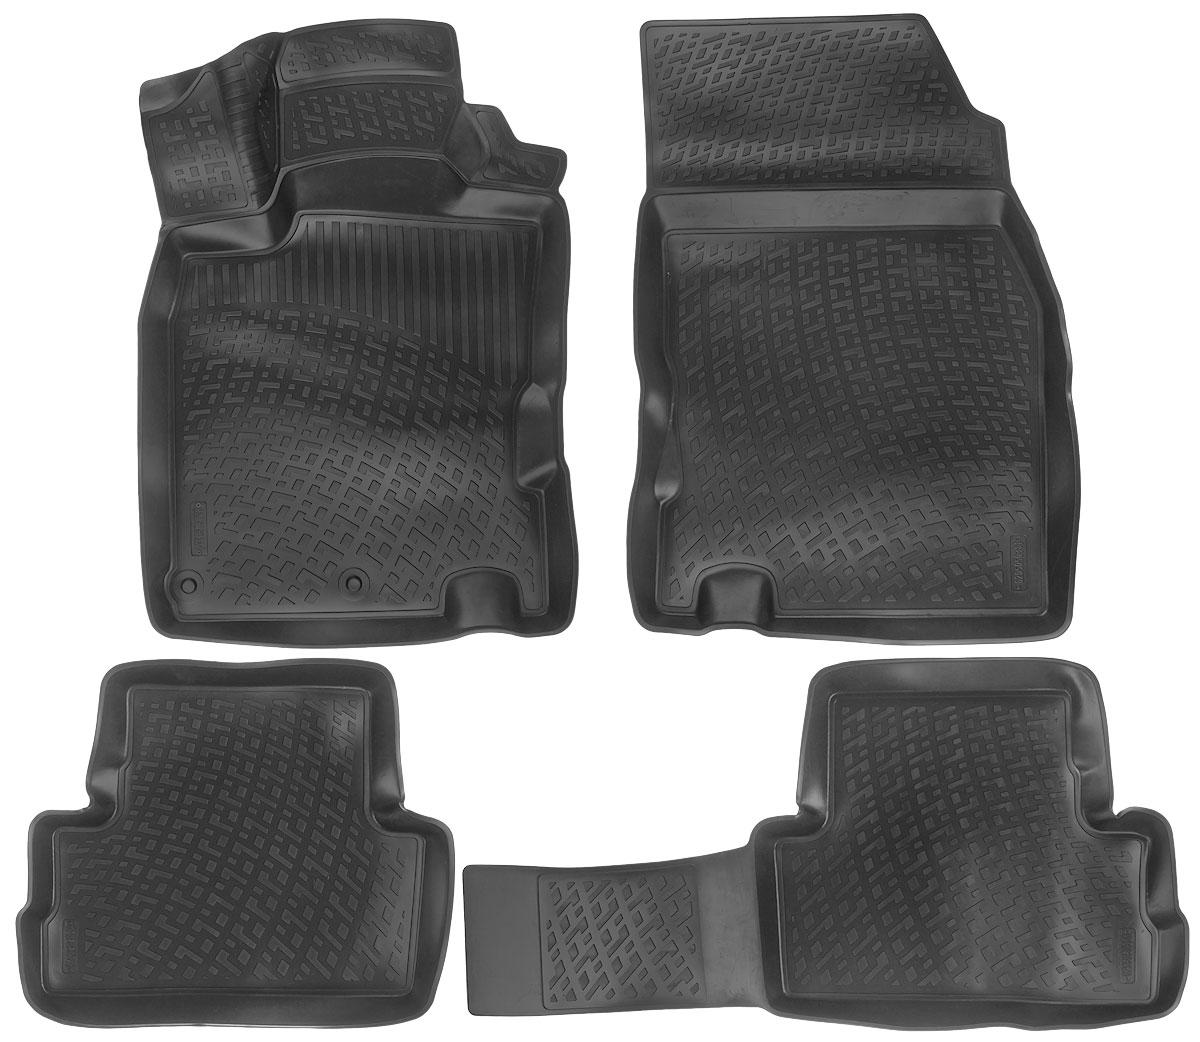 Набор автомобильных ковриков L.Locker Nissan Qashqai II 2014, в салон, 4 штFS-80264Набор L.Locker Nissan Qashqai II 2014, изготовленный из полиуретана, состоит из 4 антискользящих 3D ковриков, которые производятся индивидуально для каждой модели автомобиля. Изделие точно повторяет геометрию пола автомобиля, имеет высокий борт, обладает повышенной износоустойчивостью, лишено резкого запаха и сохраняет свои потребительские свойства в широком диапазоне температур от -50°С до +50°С.Комплектация: 4 шт.Размер ковриков: 87 см х 53 см; 53 см х 46 см; 92 см х 46 см; 54 см х 77 см.